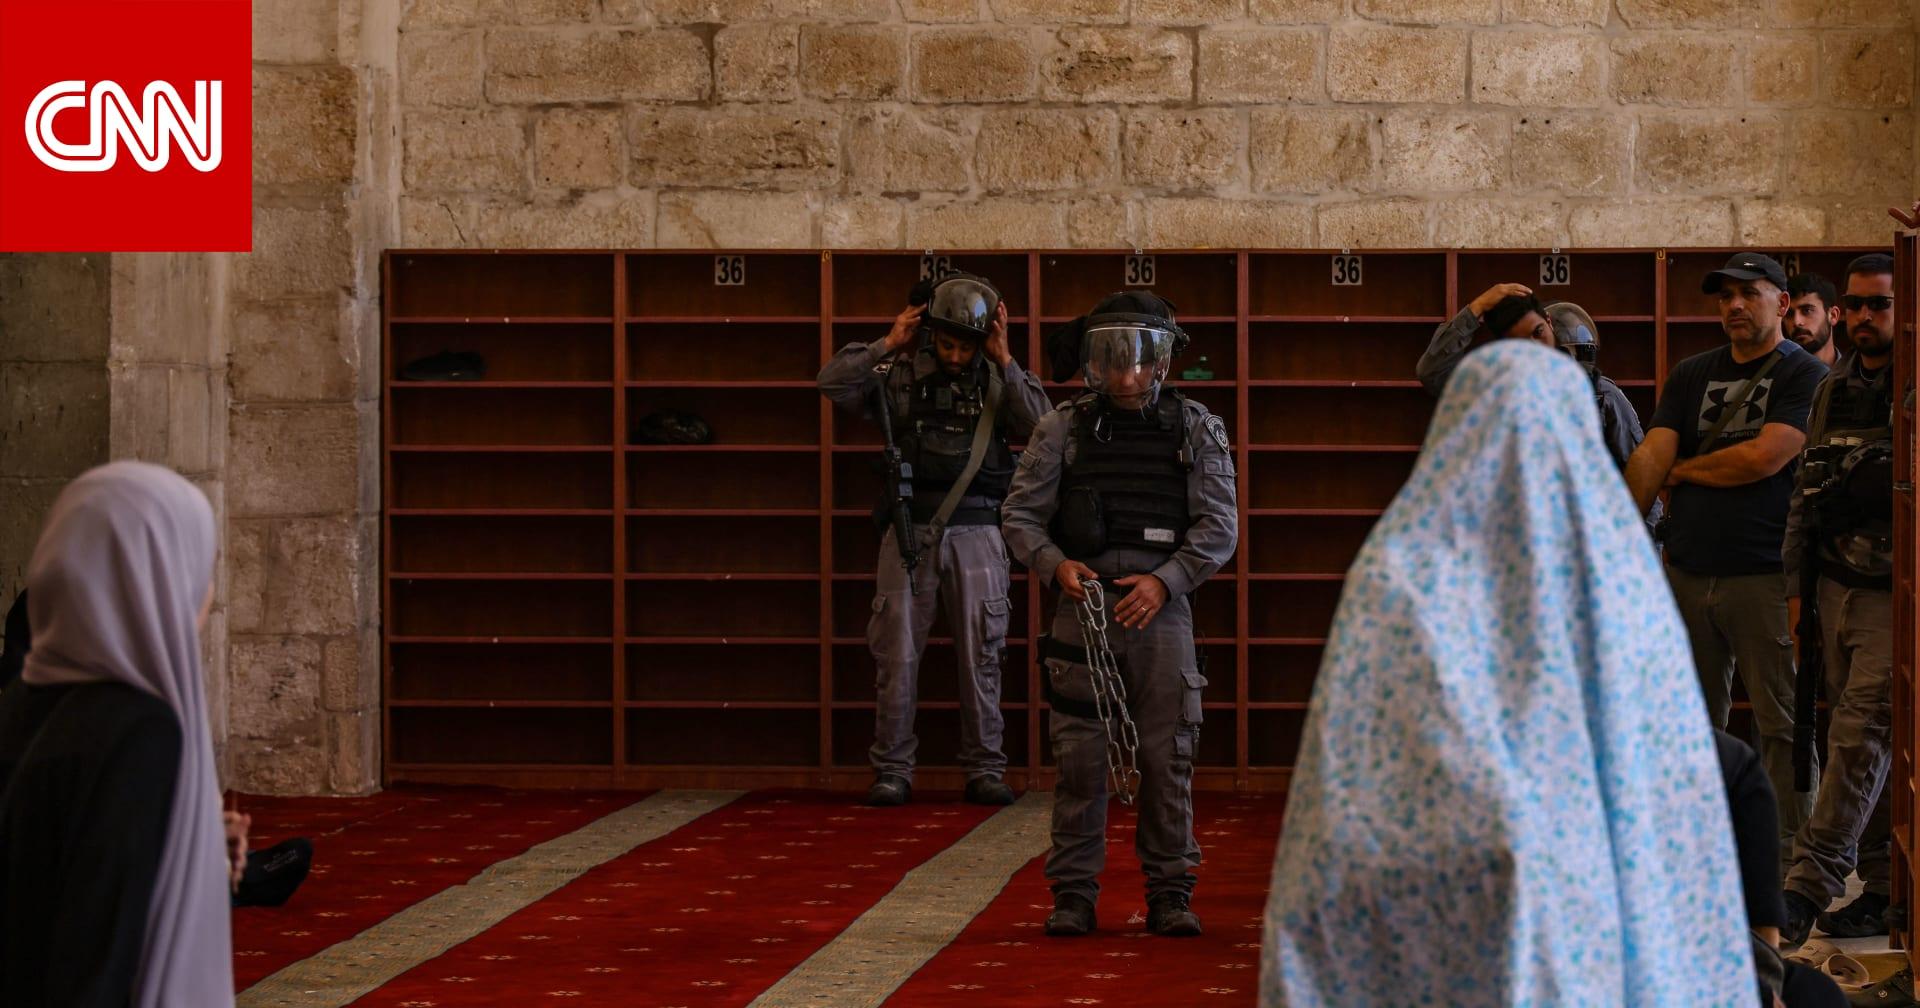 مستوطنون يقتحمون المسجد الأقصى.. ومواجهات بين الشرطة الإسرائيلية وفلسطينيين